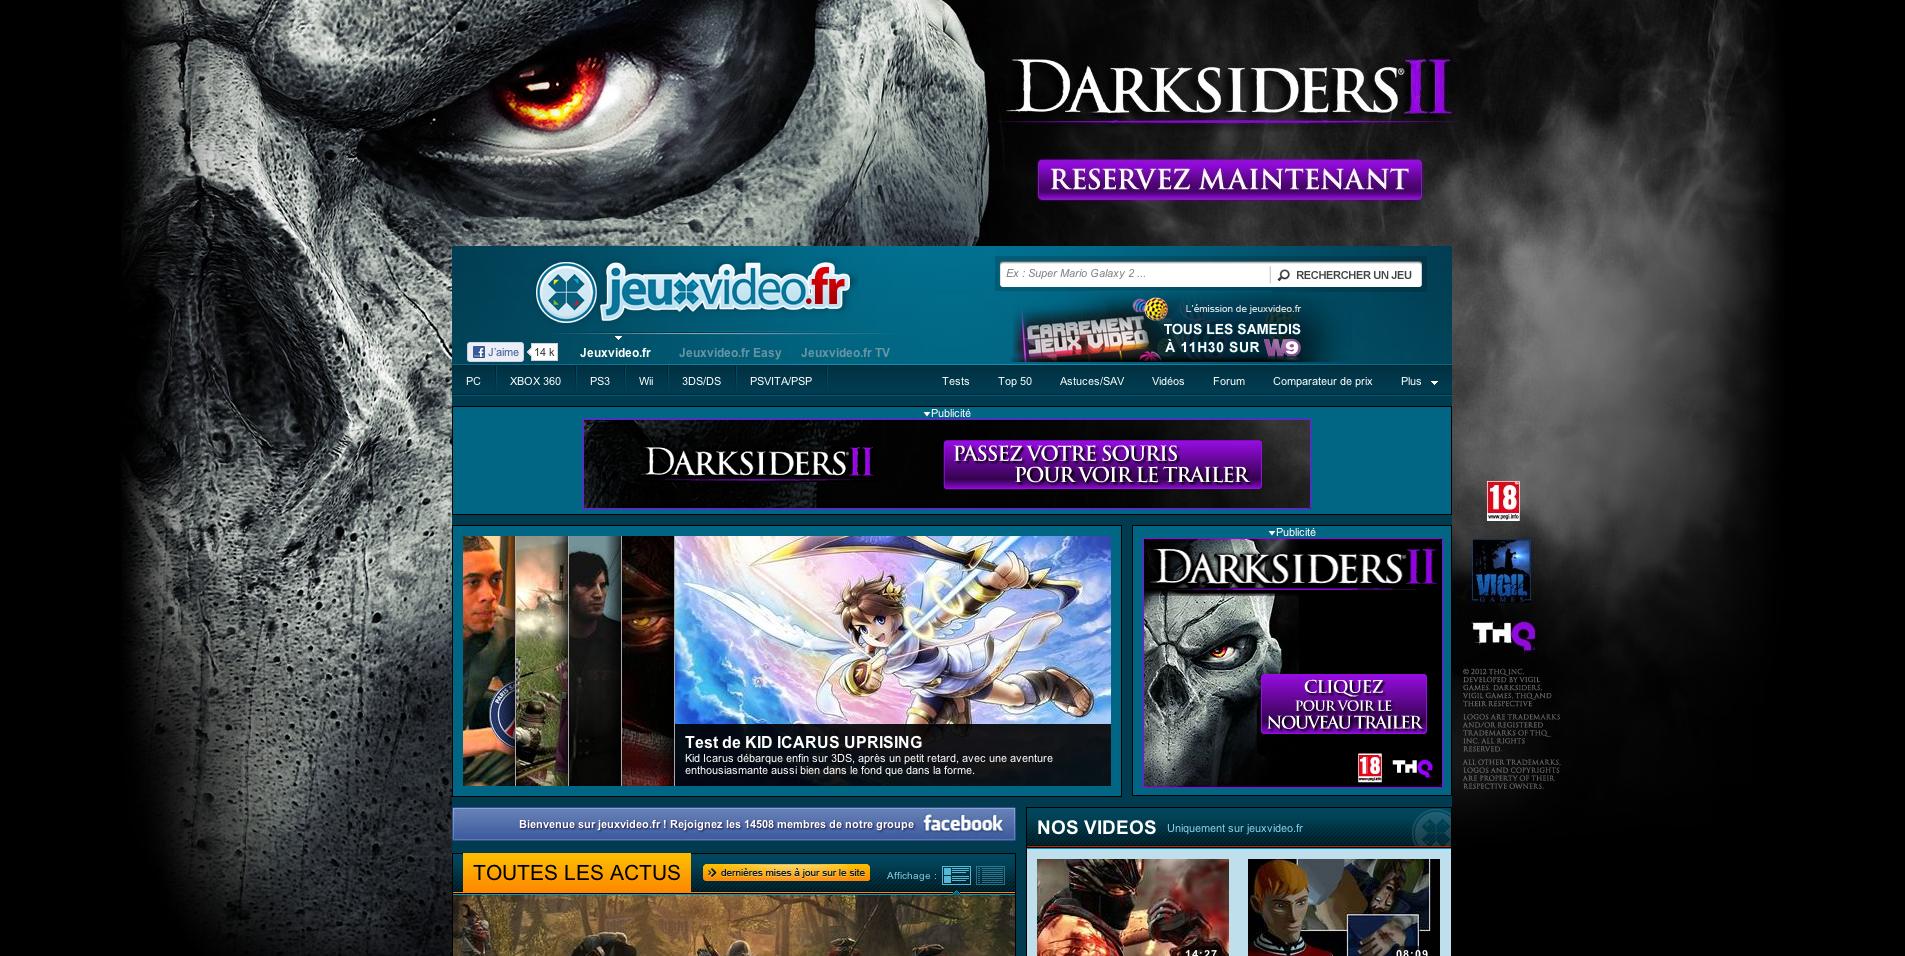 Découvrez le visage de la Mort sur www.jeuxvideo.fr avec Darksiders 2 pour THQ